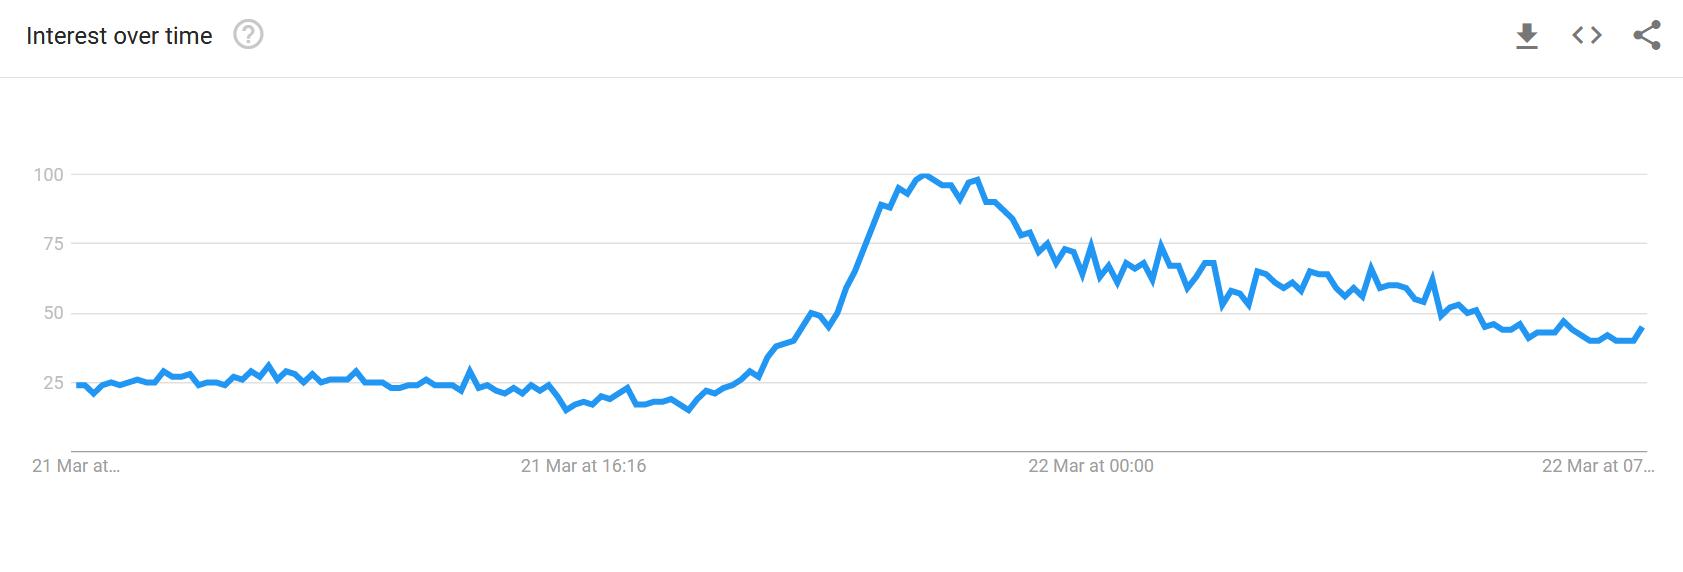 土耳其里拉下跌14%后,土耳其比特币搜索量飙升566%